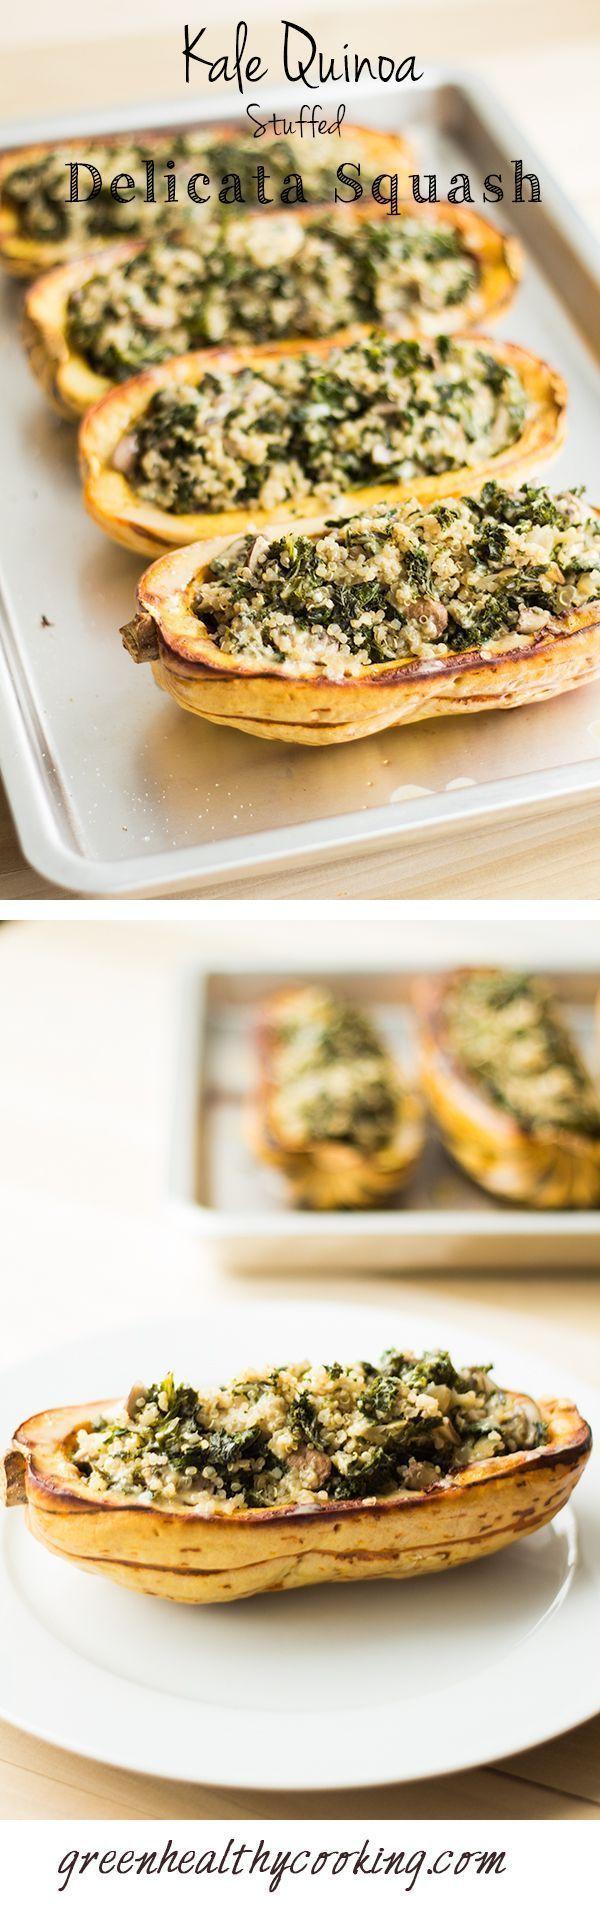 This vegan Kale Quinoa Stuffed Delicata Squash recipe is the perfect ...